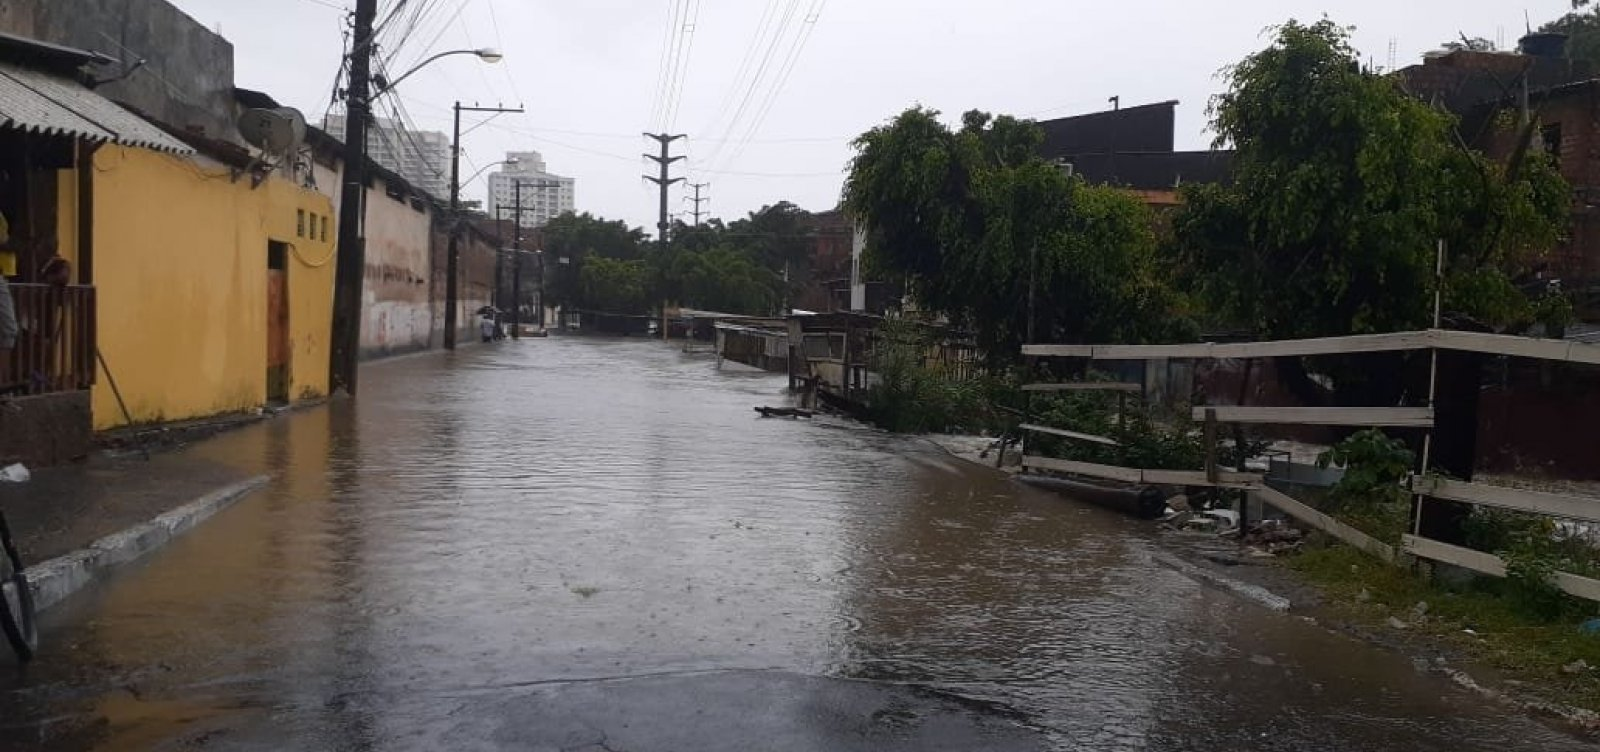 ['Temos perspectiva de redução de chuvas', diz diretor da Defesa Civil]